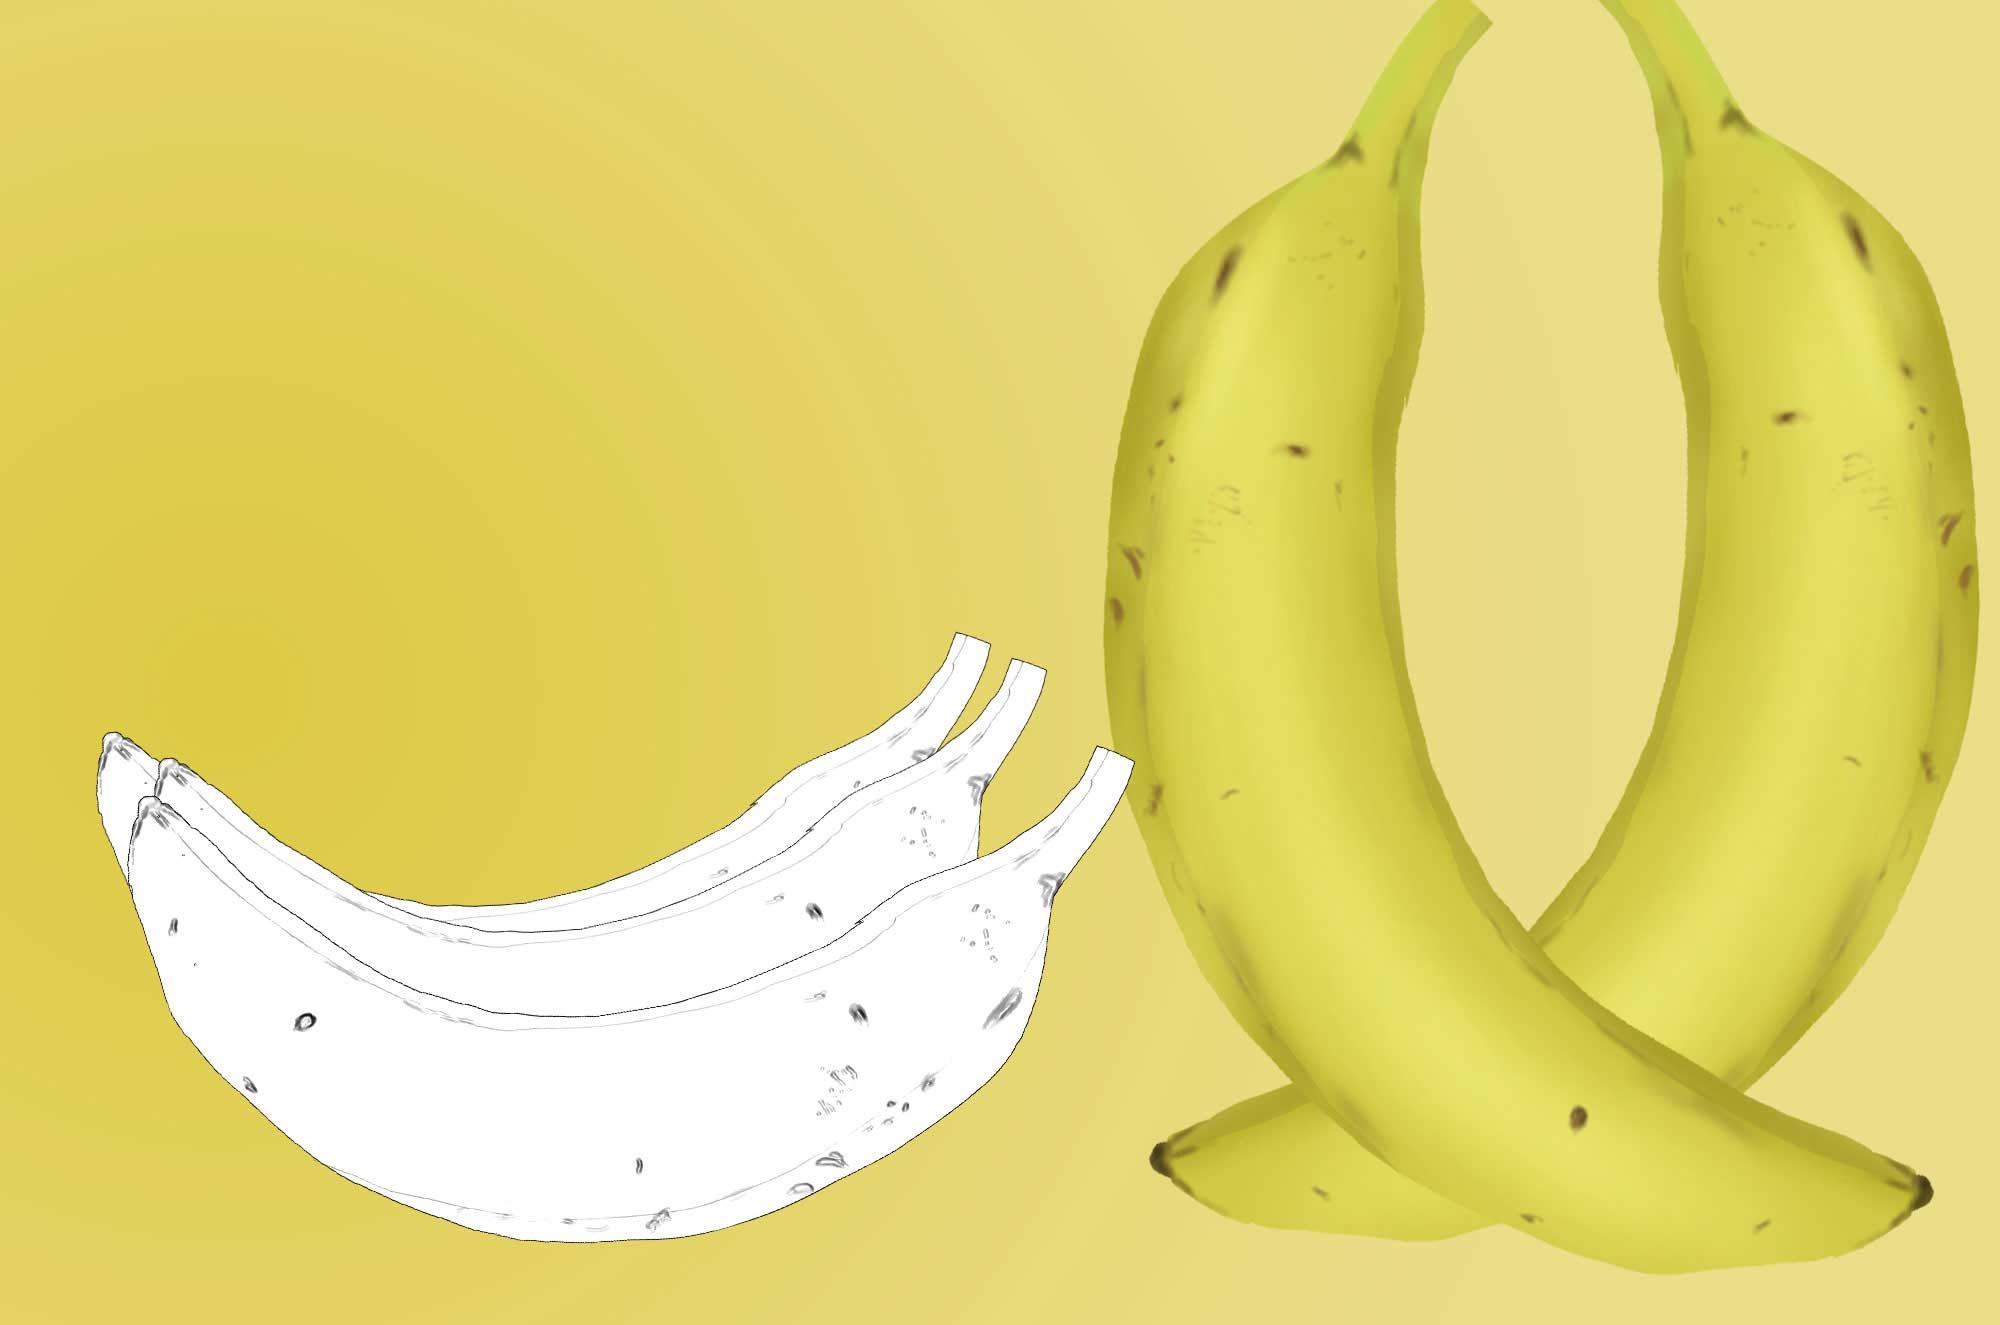 バナナのイラスト - リアル・かわいいフリー素材